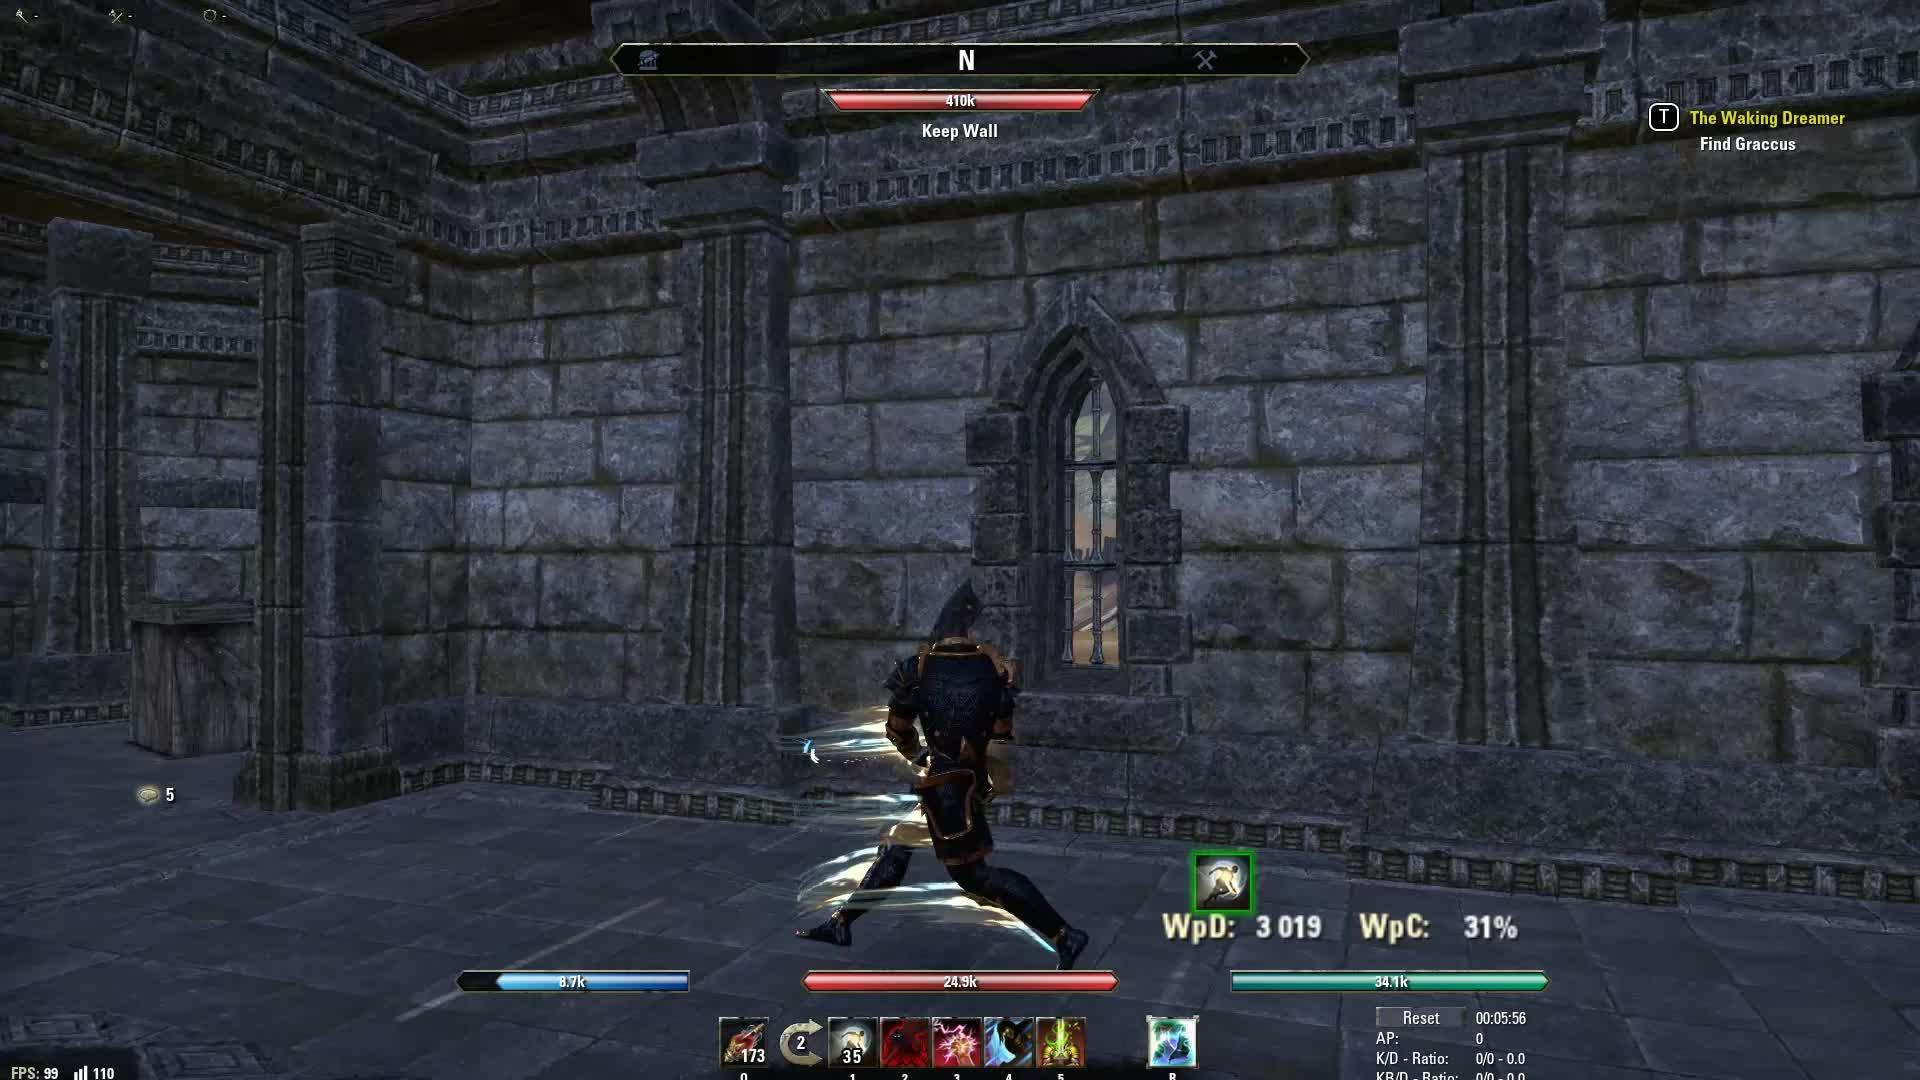 elderscrollsonline, Elder Scrolls Online 2019.03.07 - 20.38.38.04.DVR GIFs